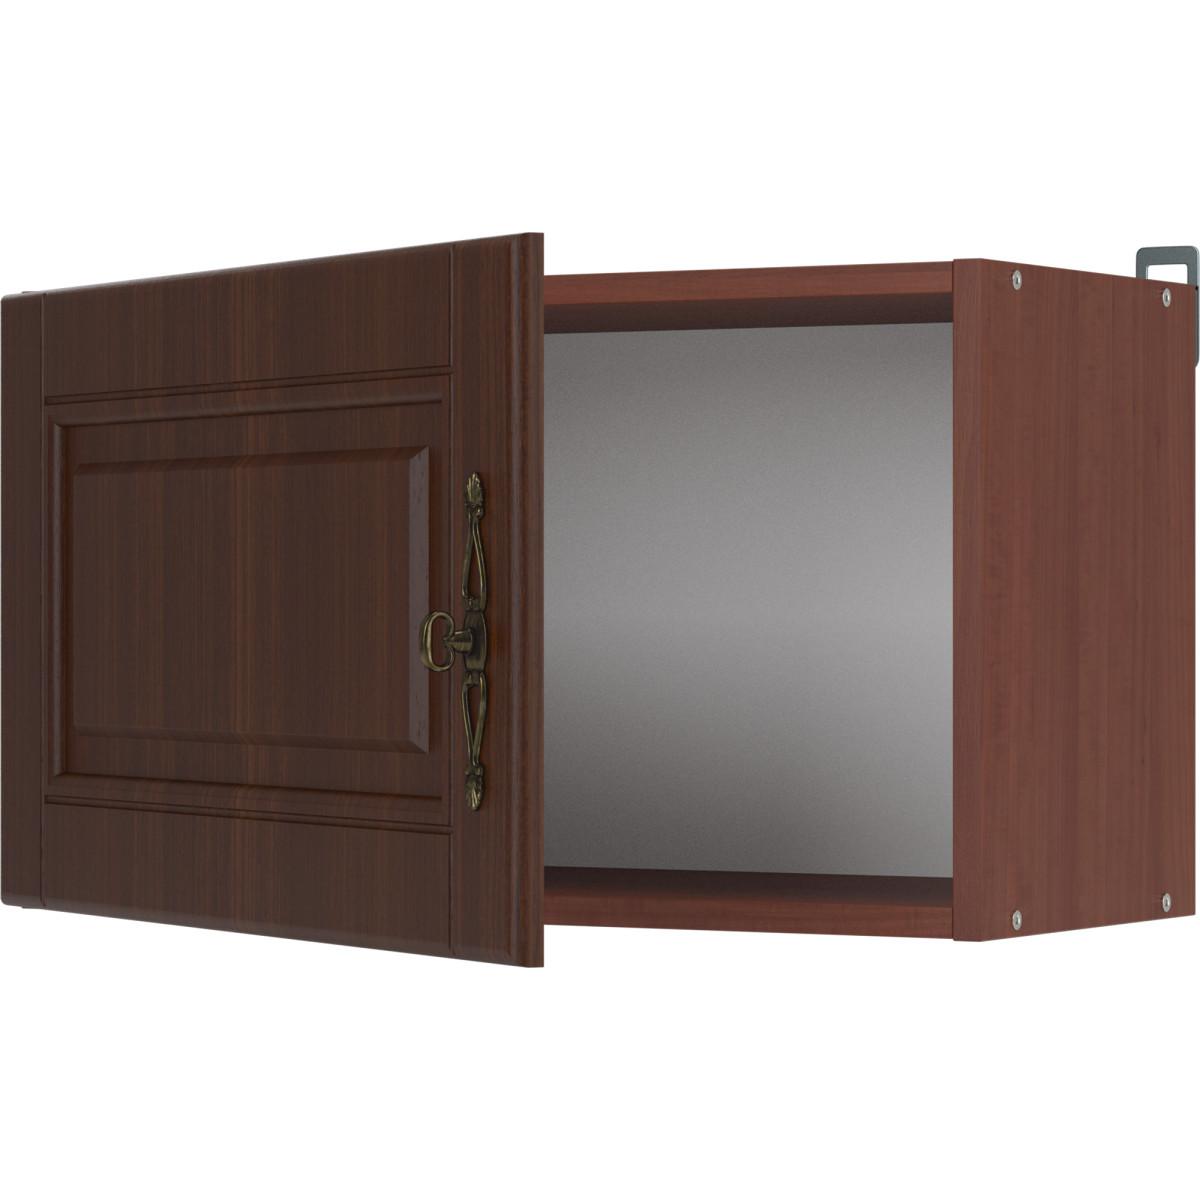 Шкаф над вытяжкой Орех 60x34.7x29 см ЛДСП цвет белый